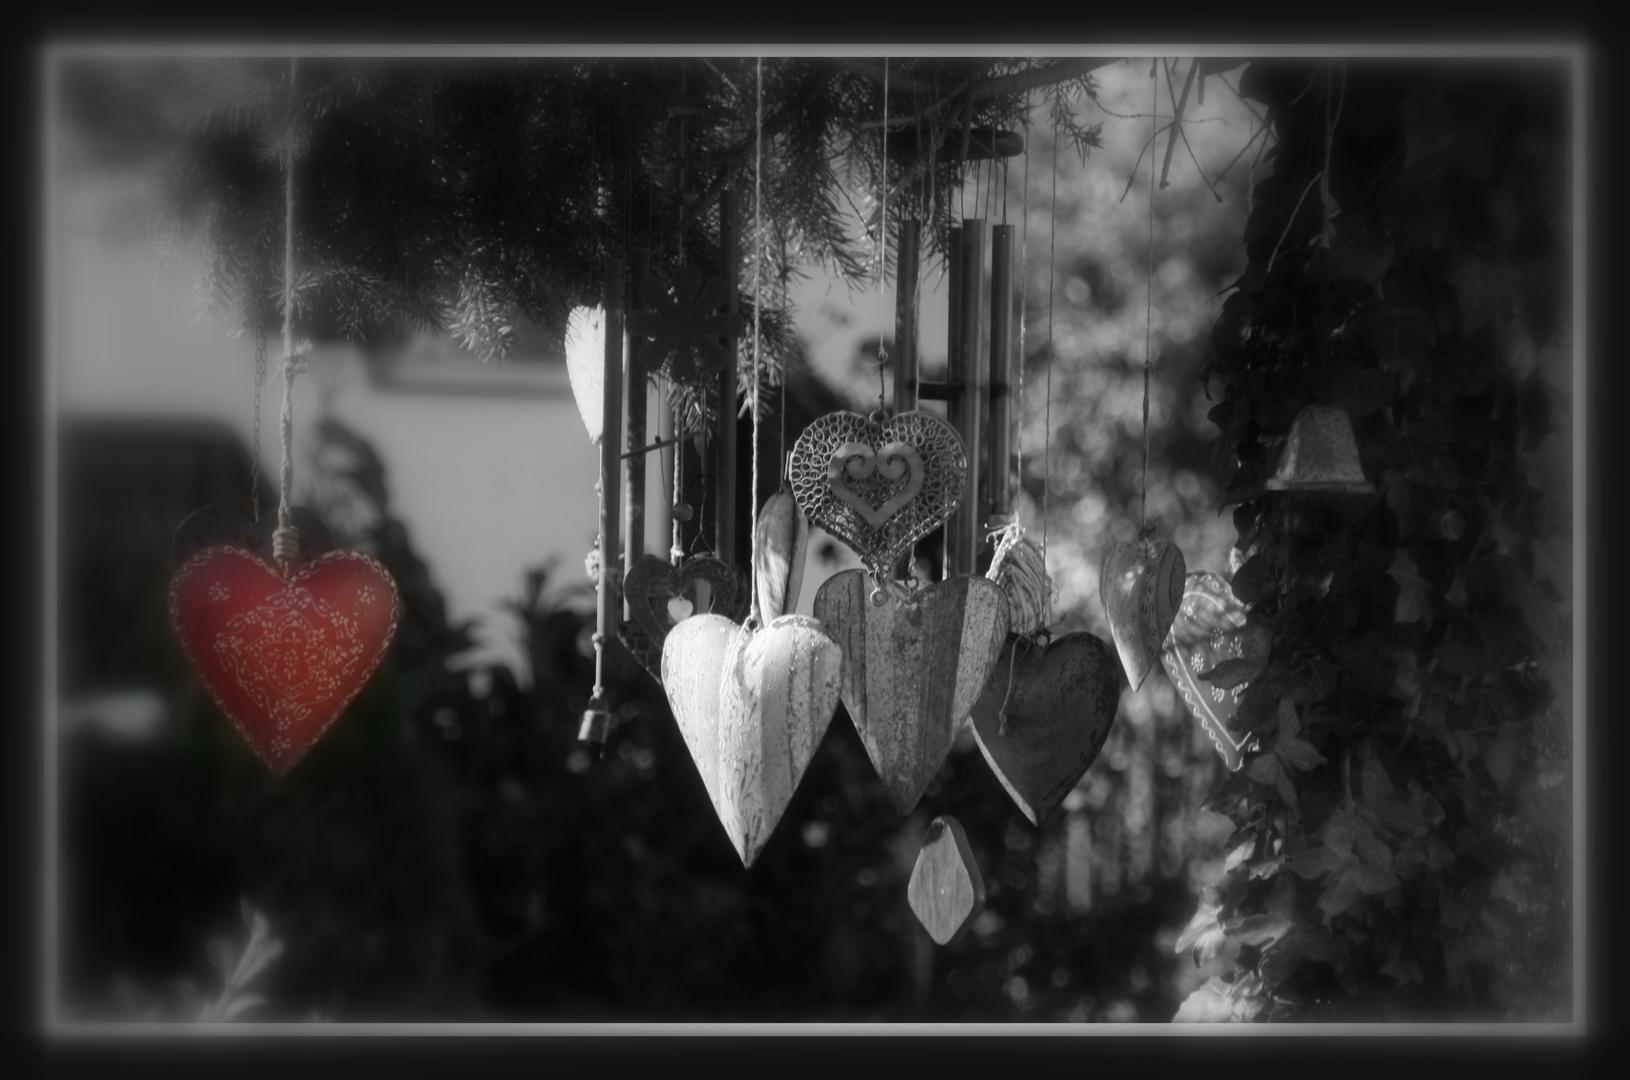 ...und noch ein Herz